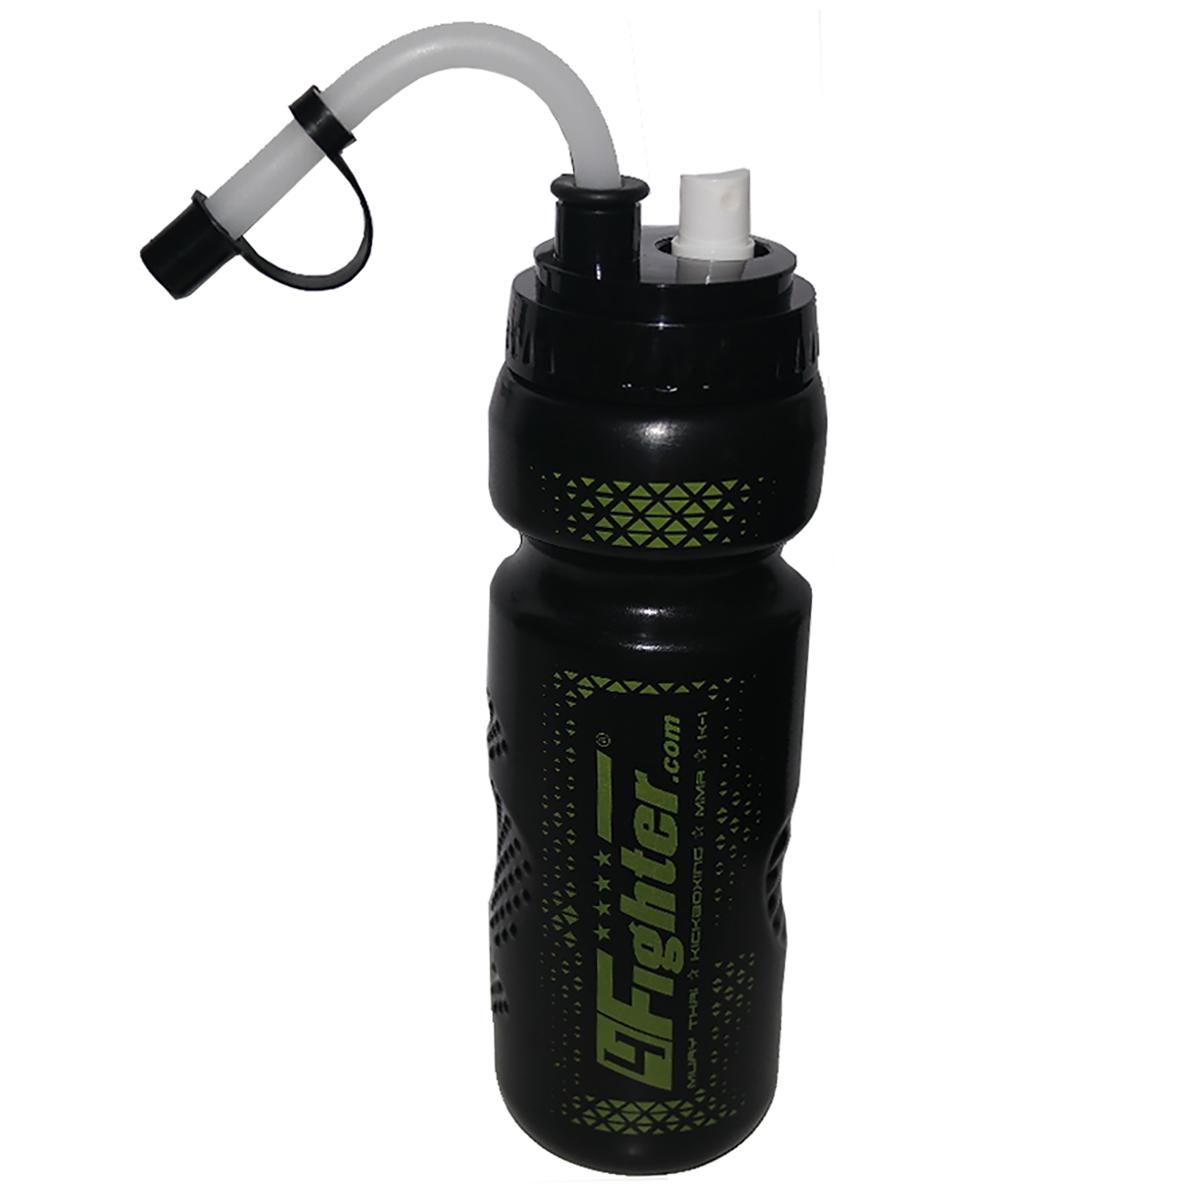 4Fighter Spray Boxing Bottle schwarz-grün 0,8 Liter Sprühflasche Trinkflasche mit Halm